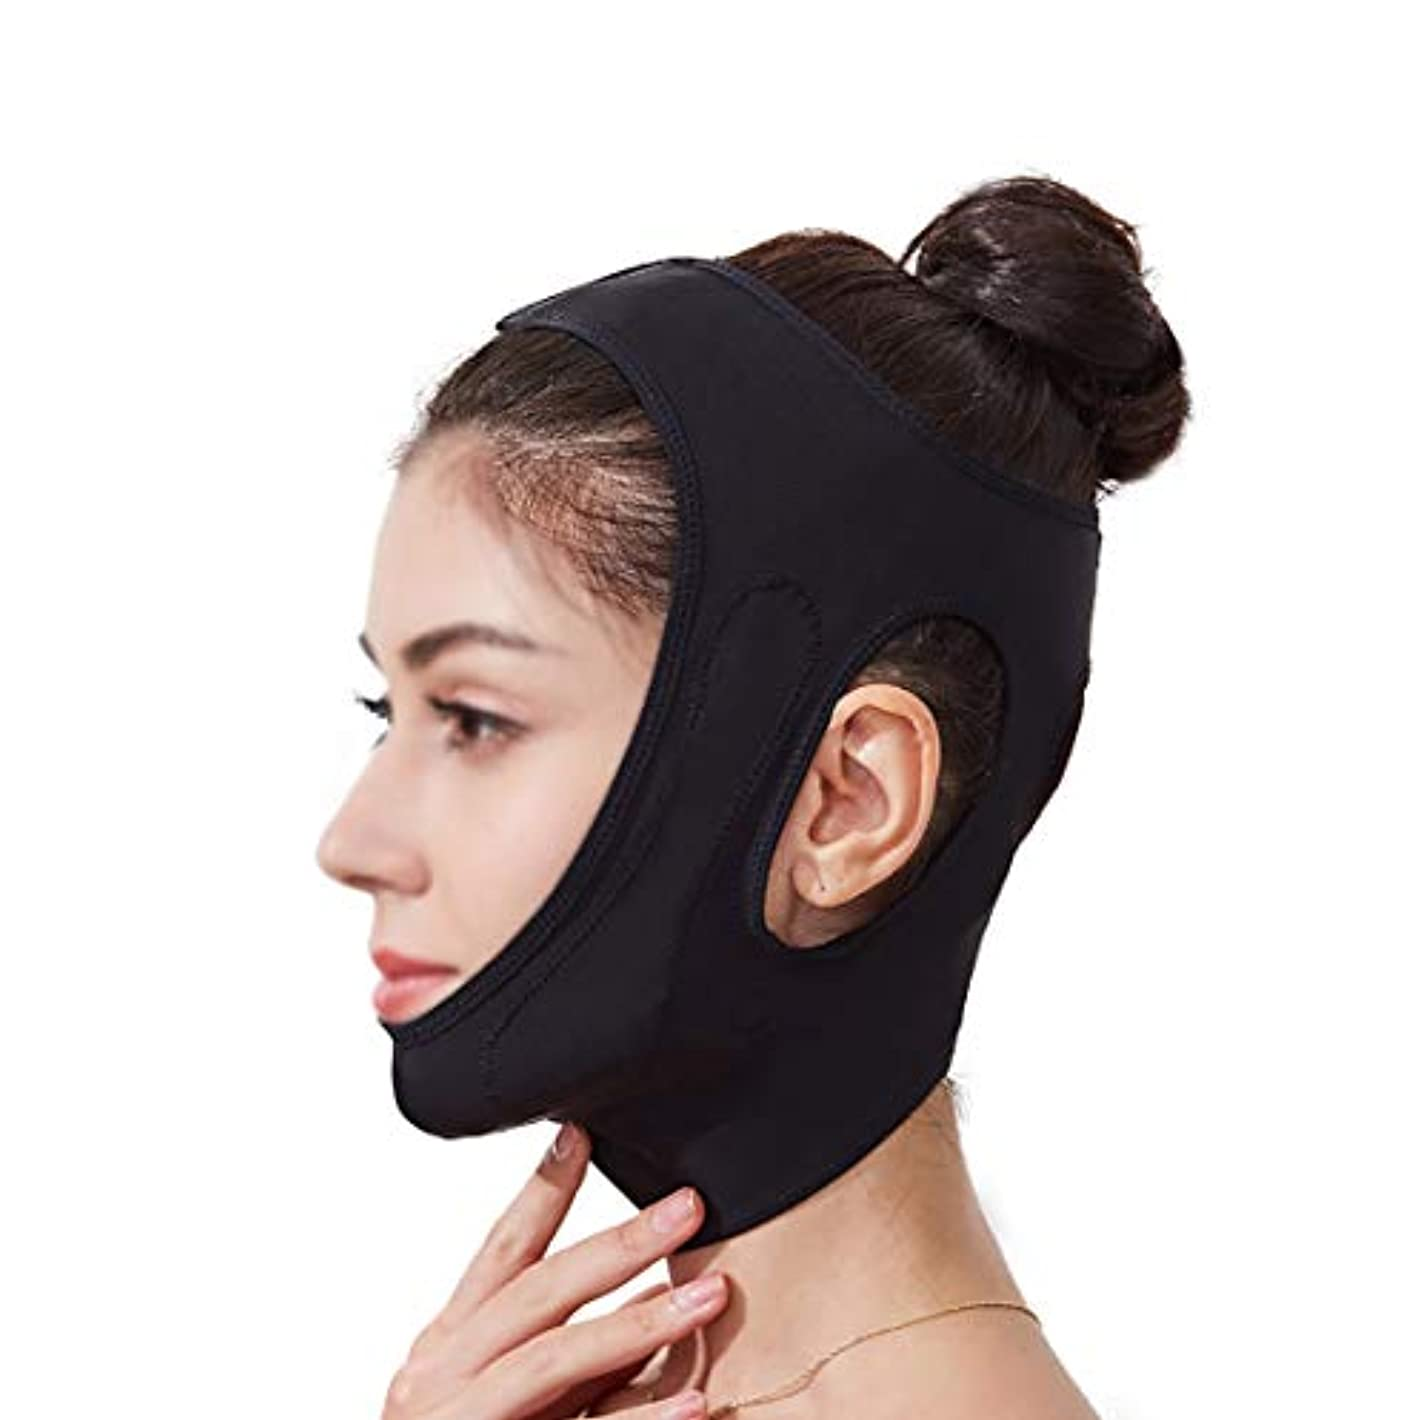 寛容な変位原理フェイスリフティングマスク、360°オールラウンドリフティングフェイシャル輪郭、あごを閉じて肌を引き締め、快適でフェイスライトをサポートし、通気性 (Size : Black)